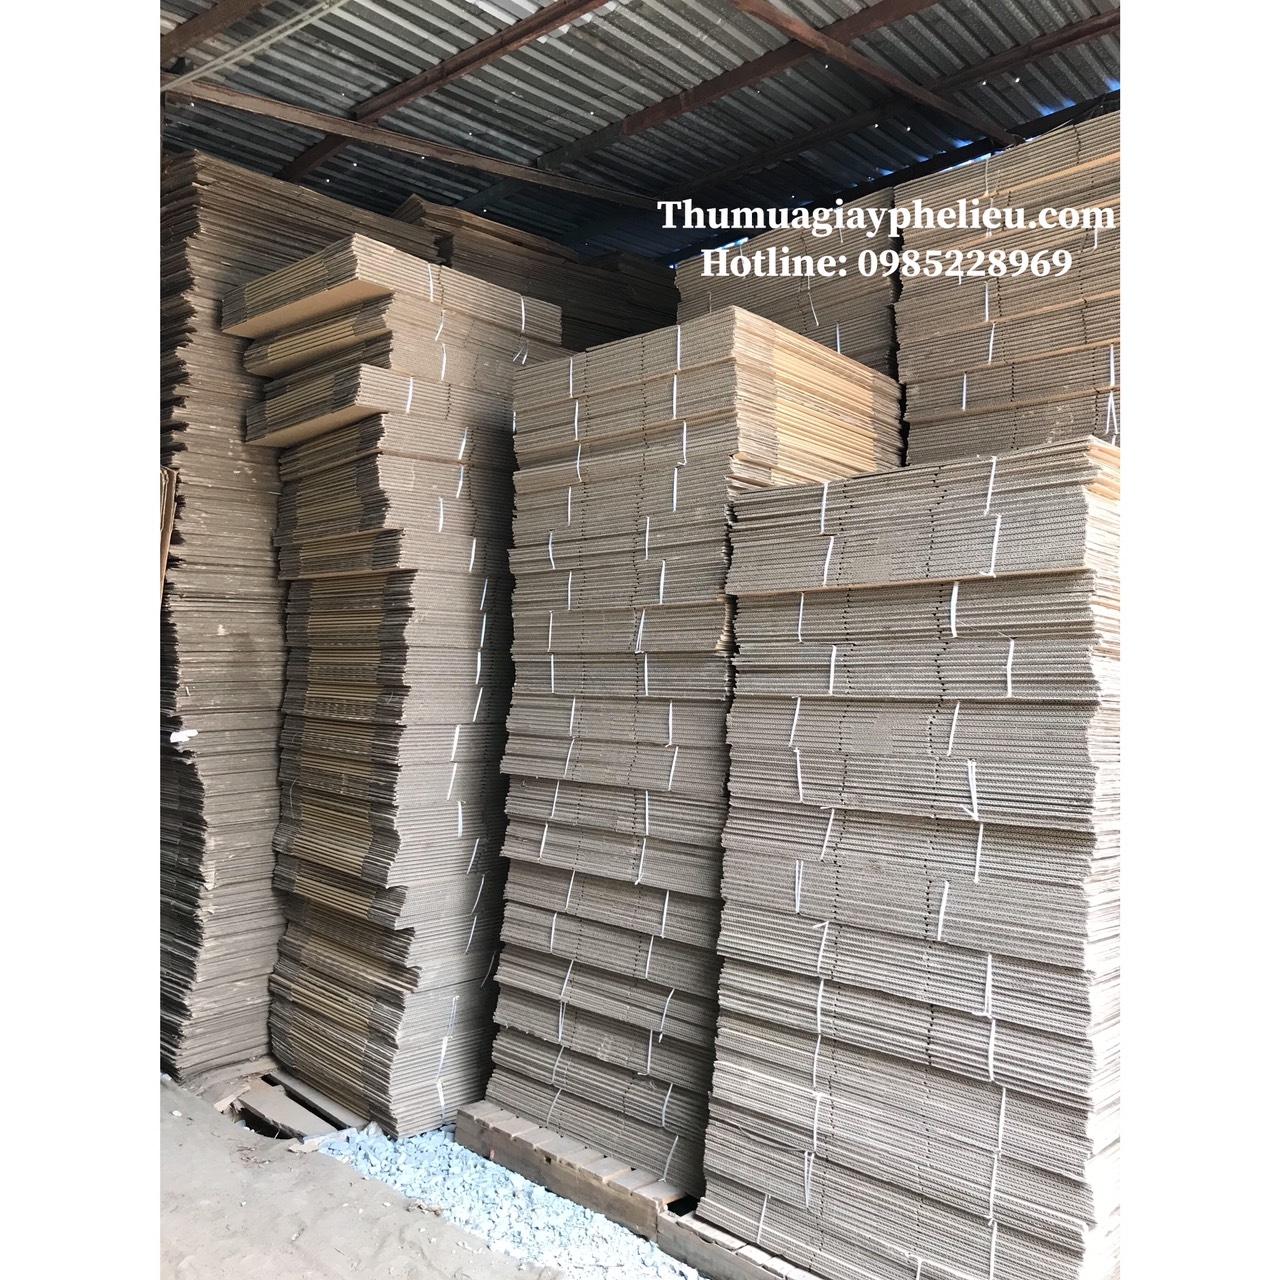 Mua bán thùng giấy carton tại TPHCM